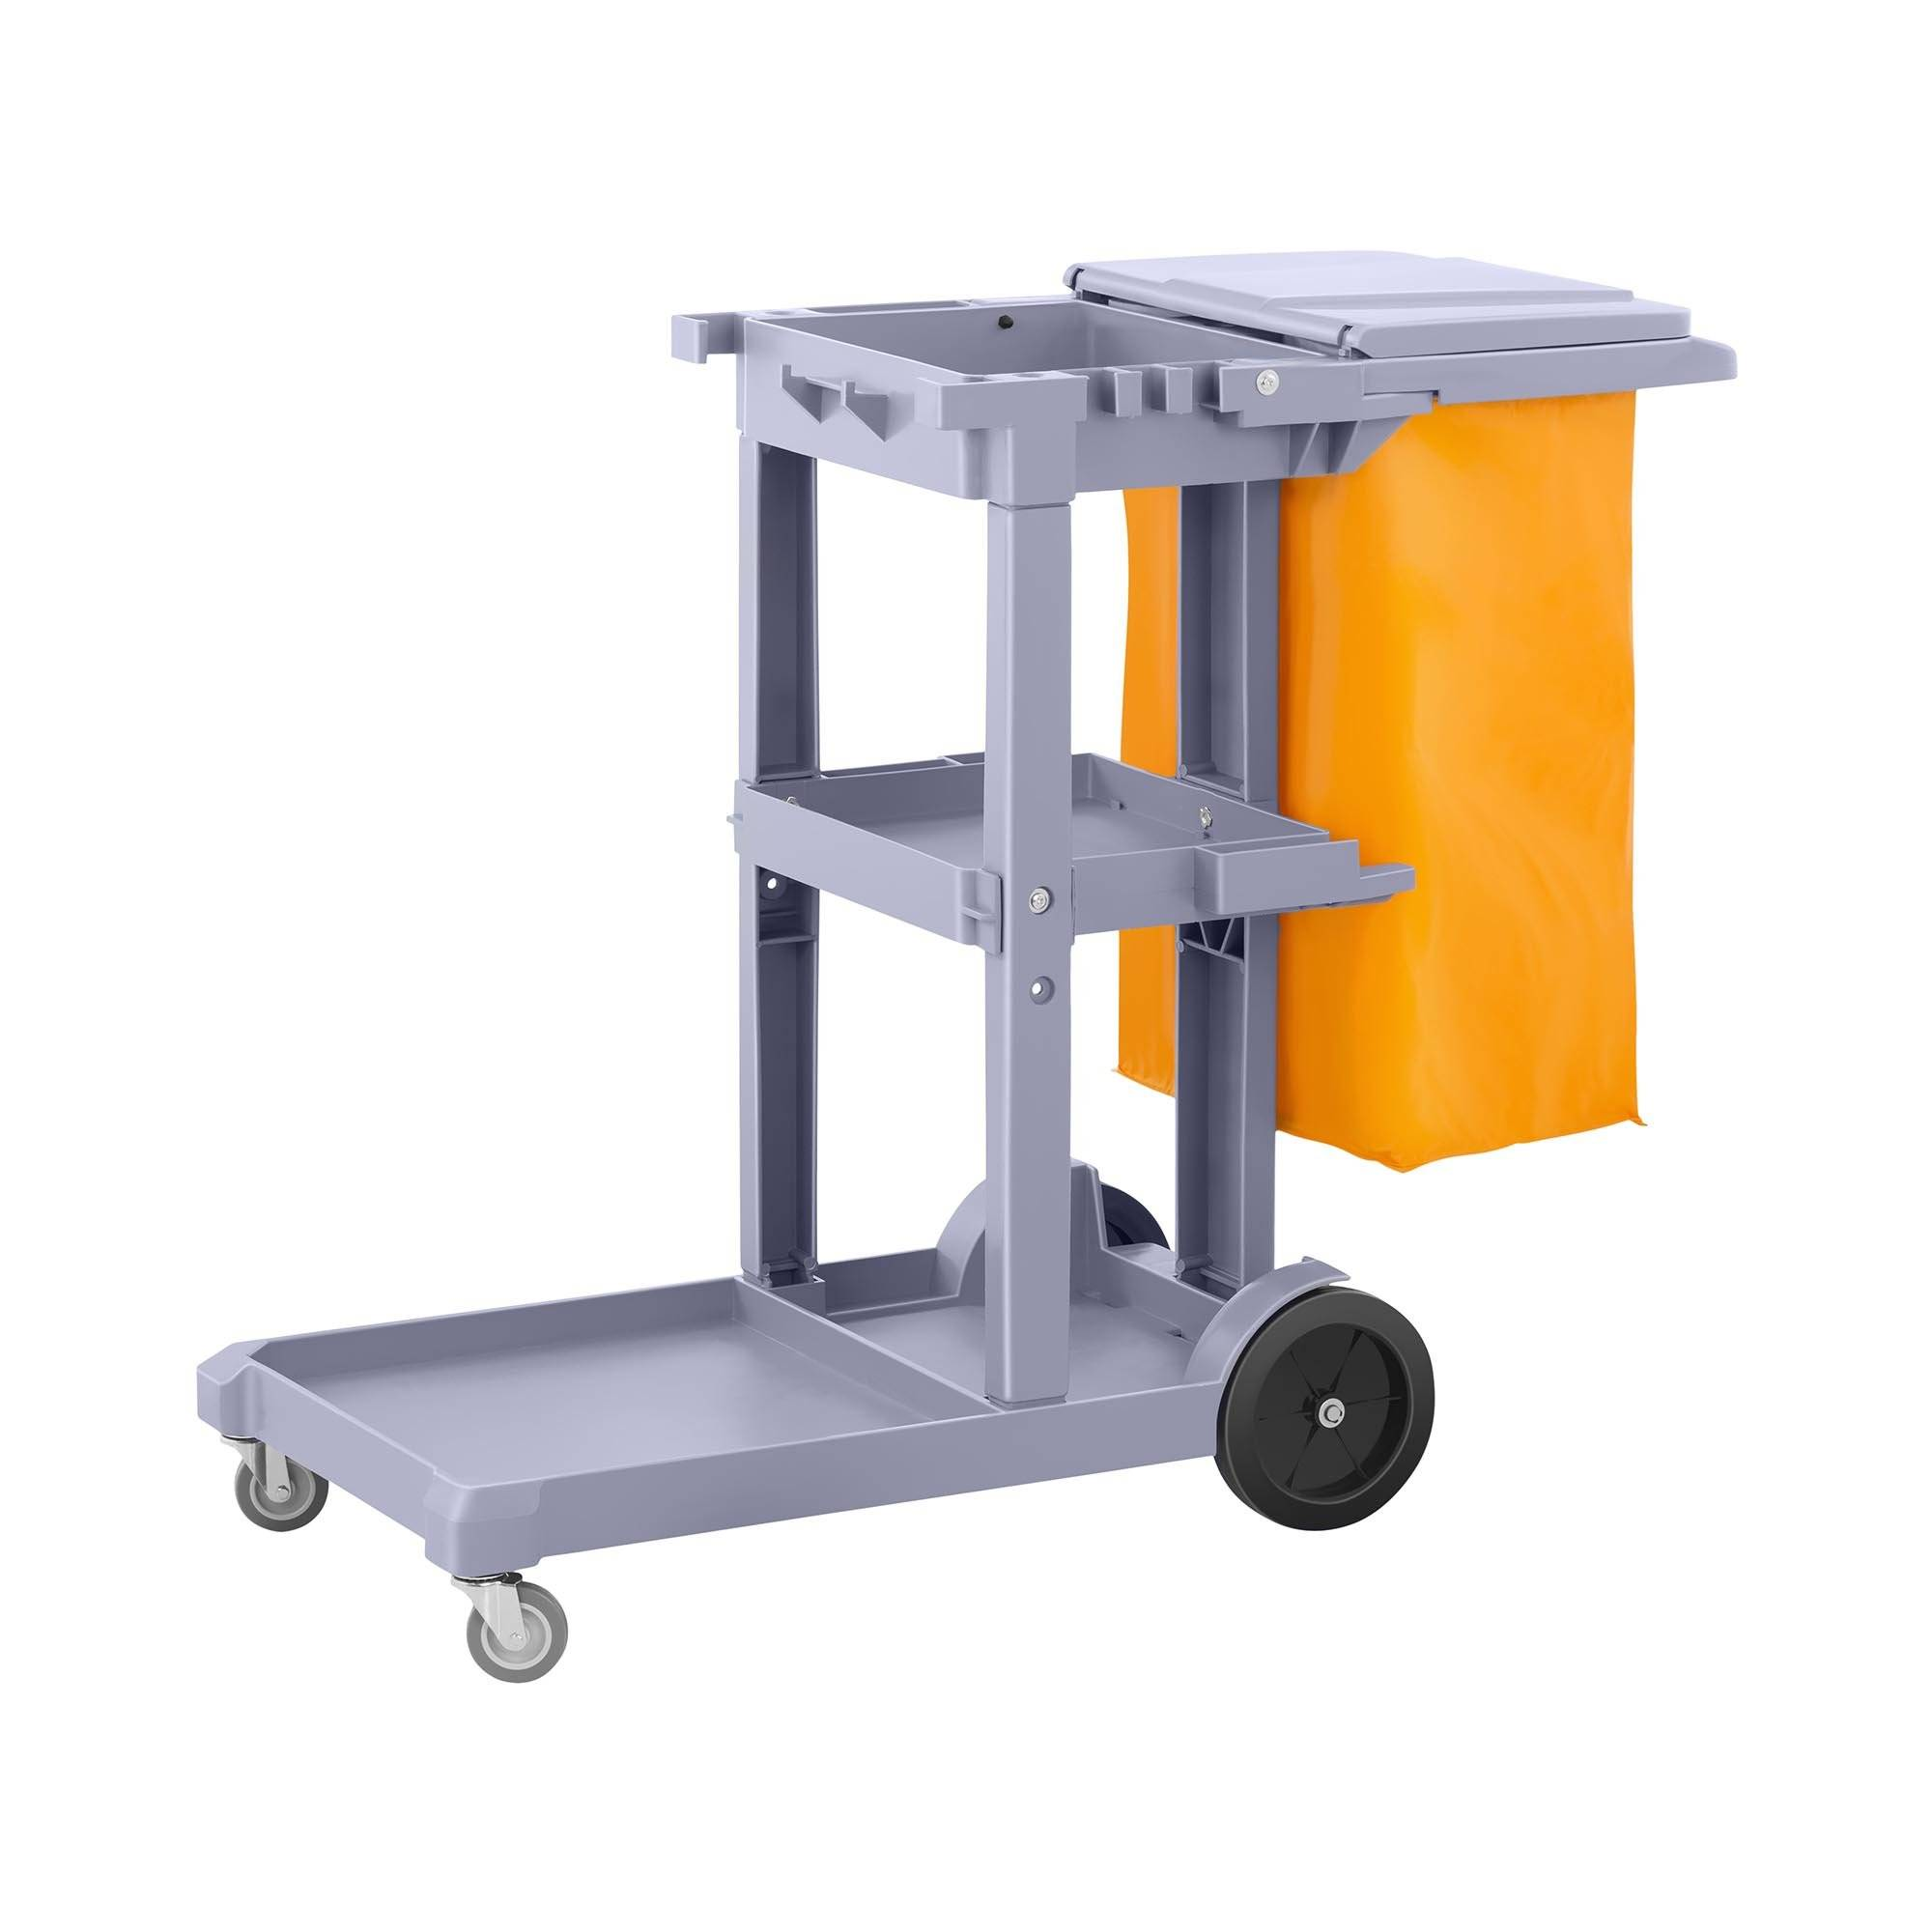 ulsonix carrello multiuso per pulizie con sacco per biancheria e coperchio uniclean 6